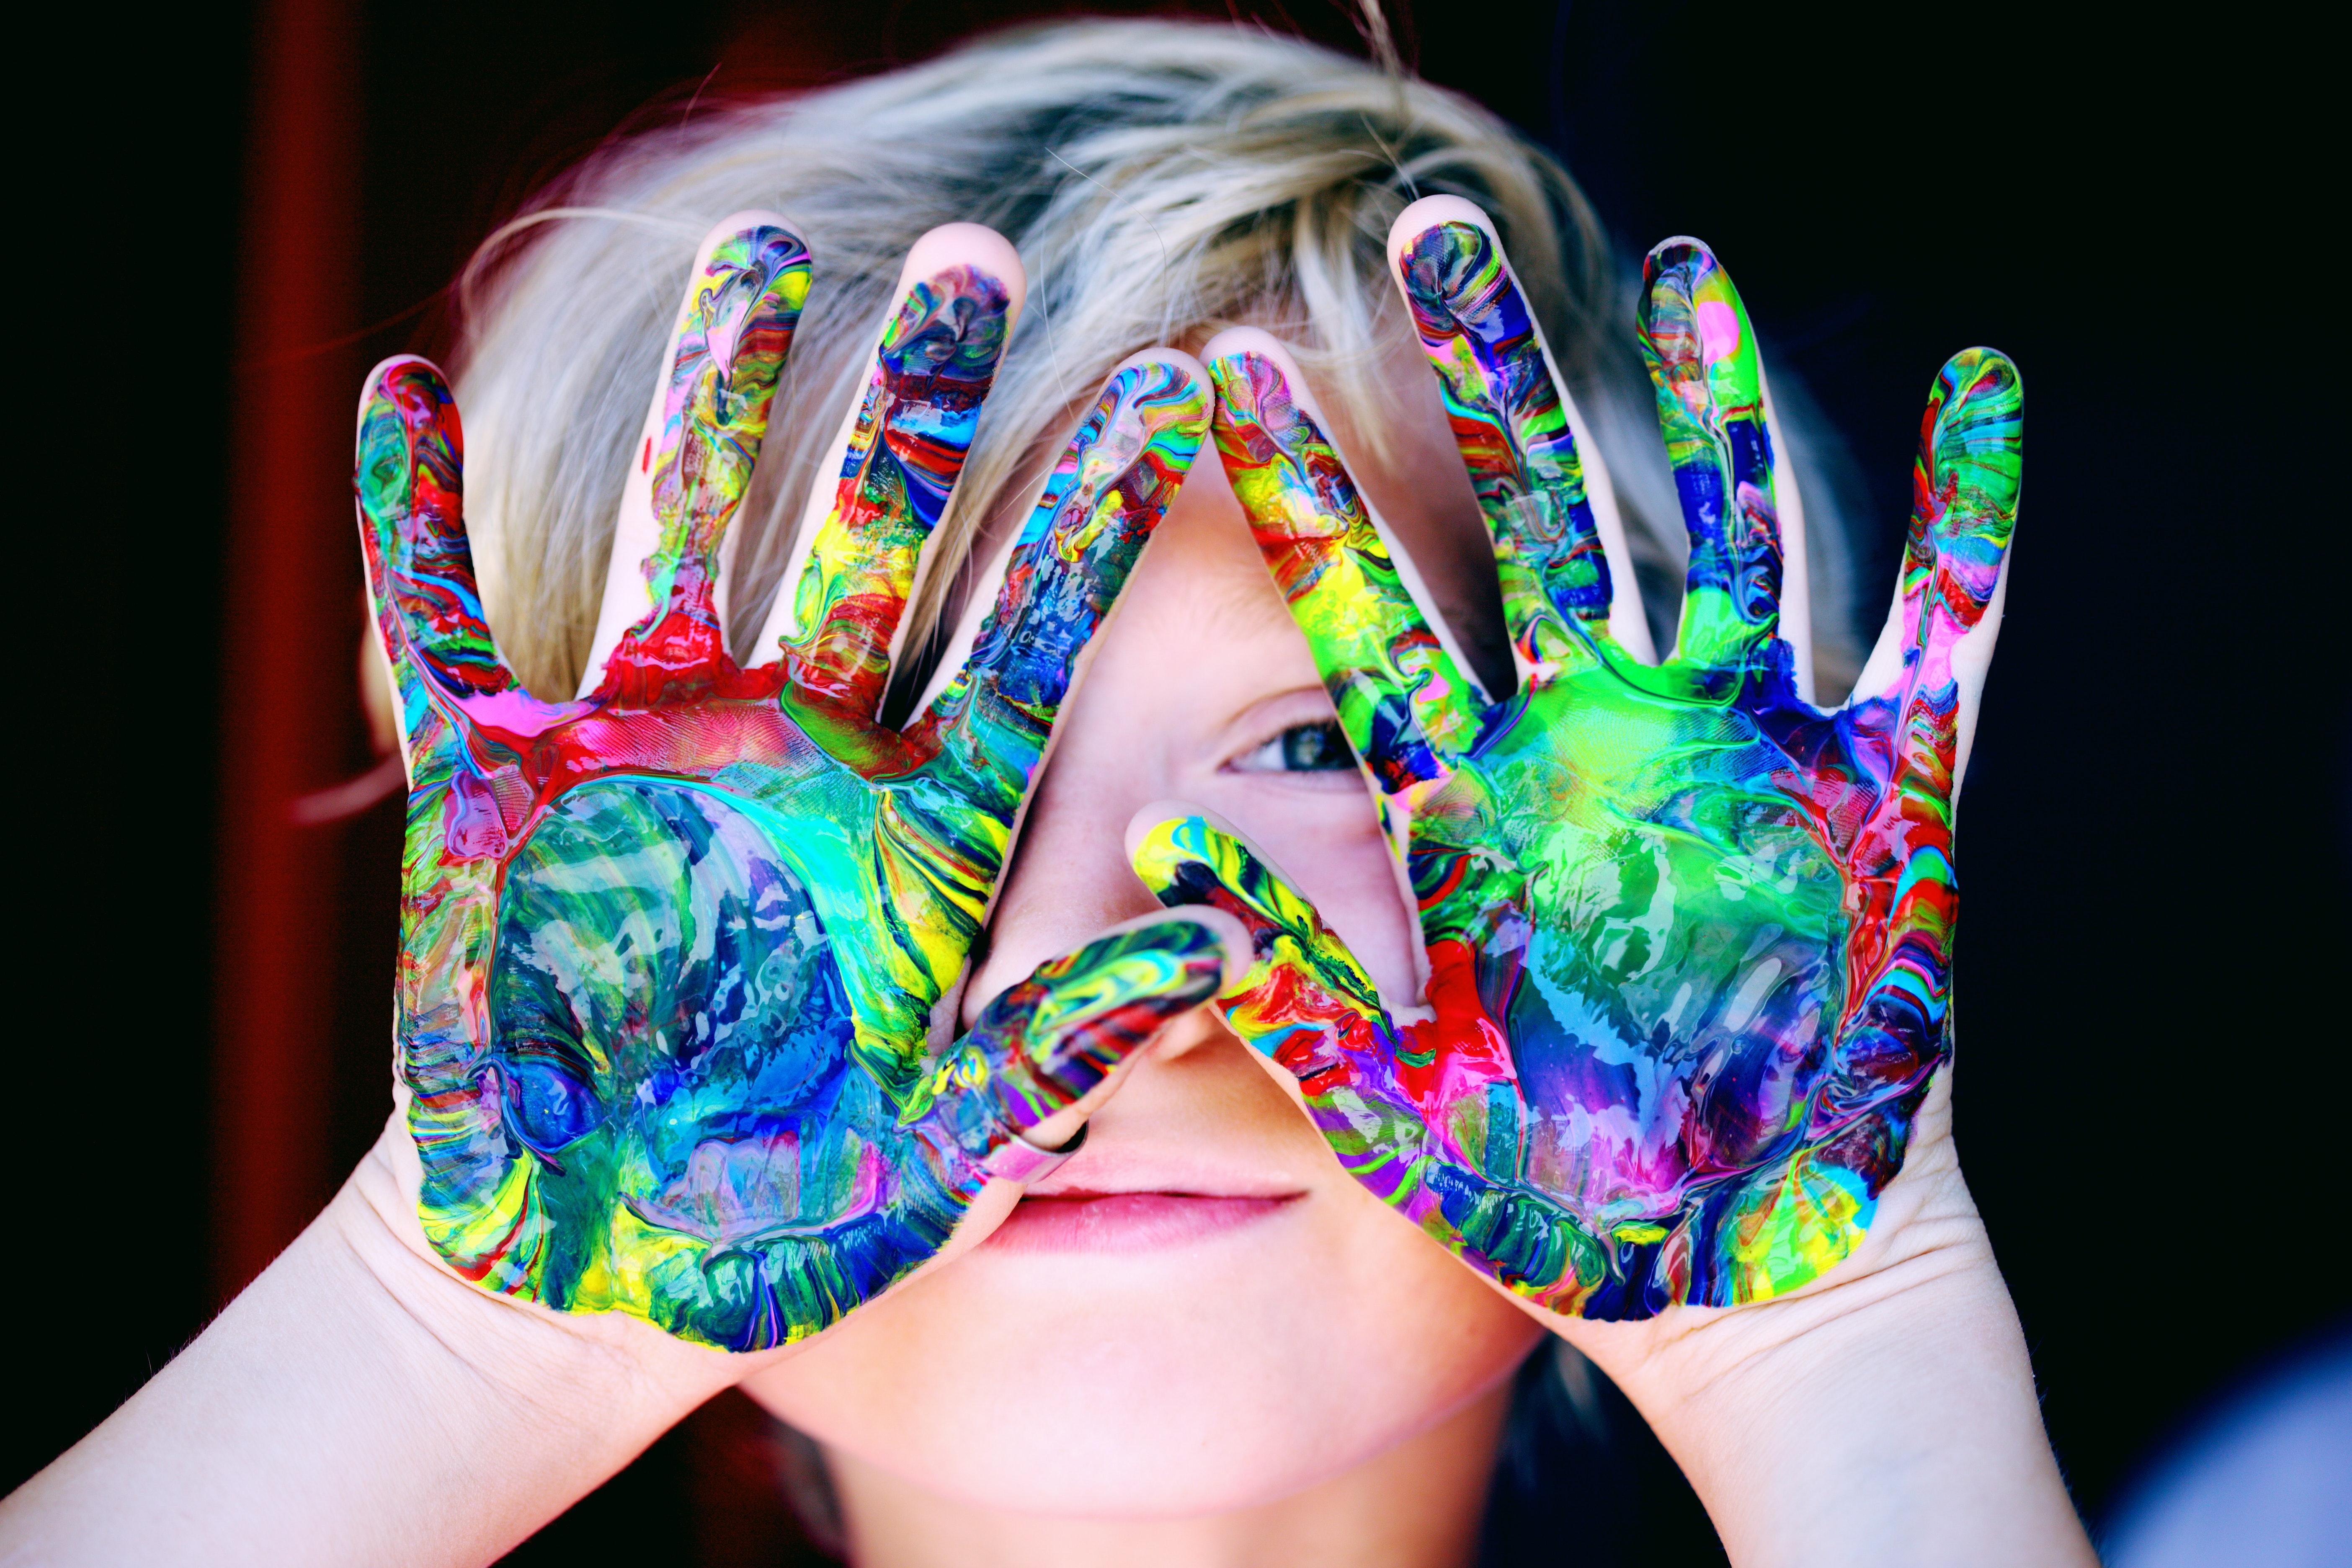 12 Kid-Friendly Indoor Attractions in DFW